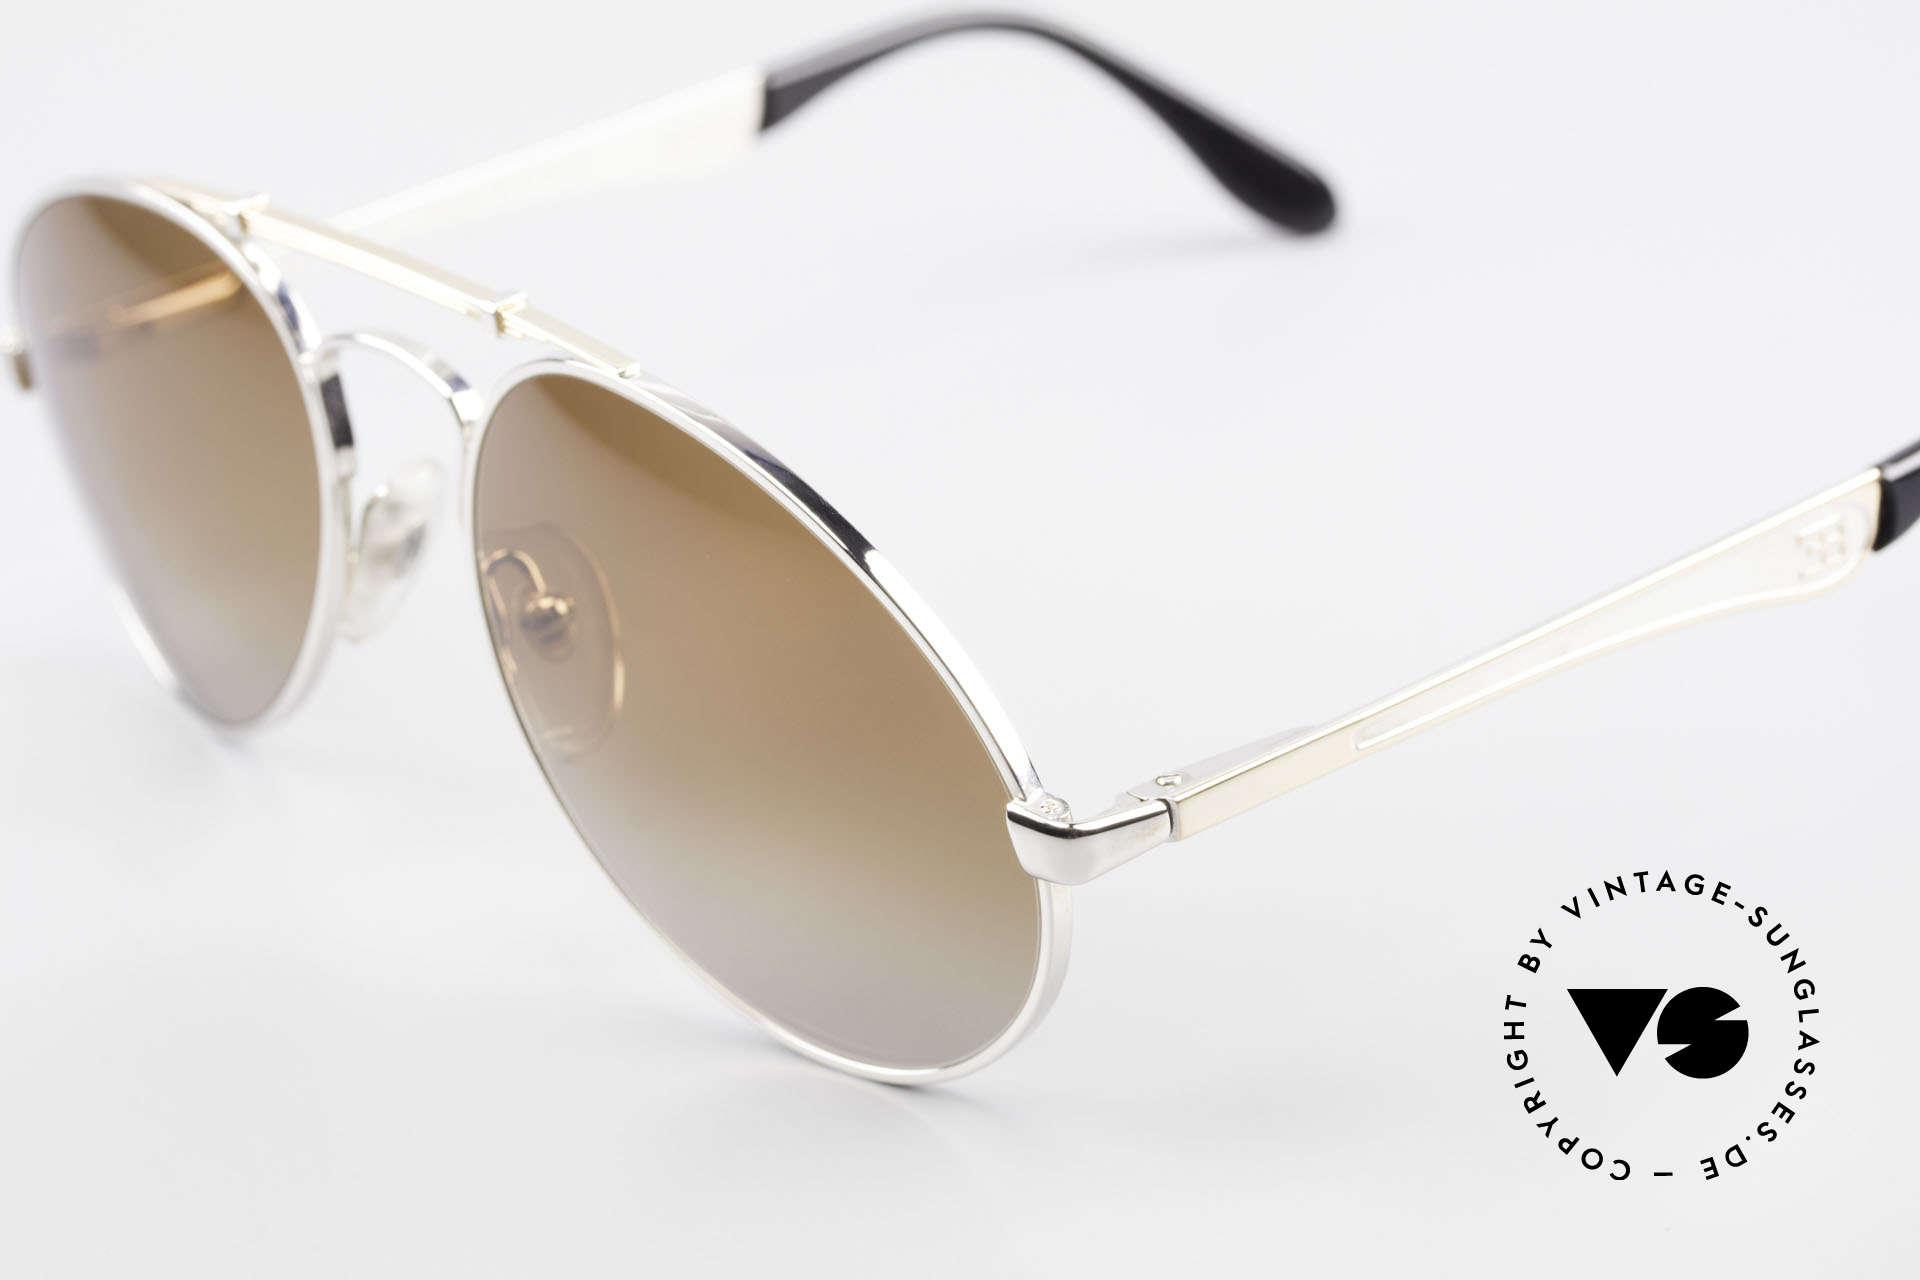 Bugatti 11909 80er Luxus Sonnenbrille Herren, Rahmen silber/gold; Brücke wie eine Blattfeder, Passend für Herren